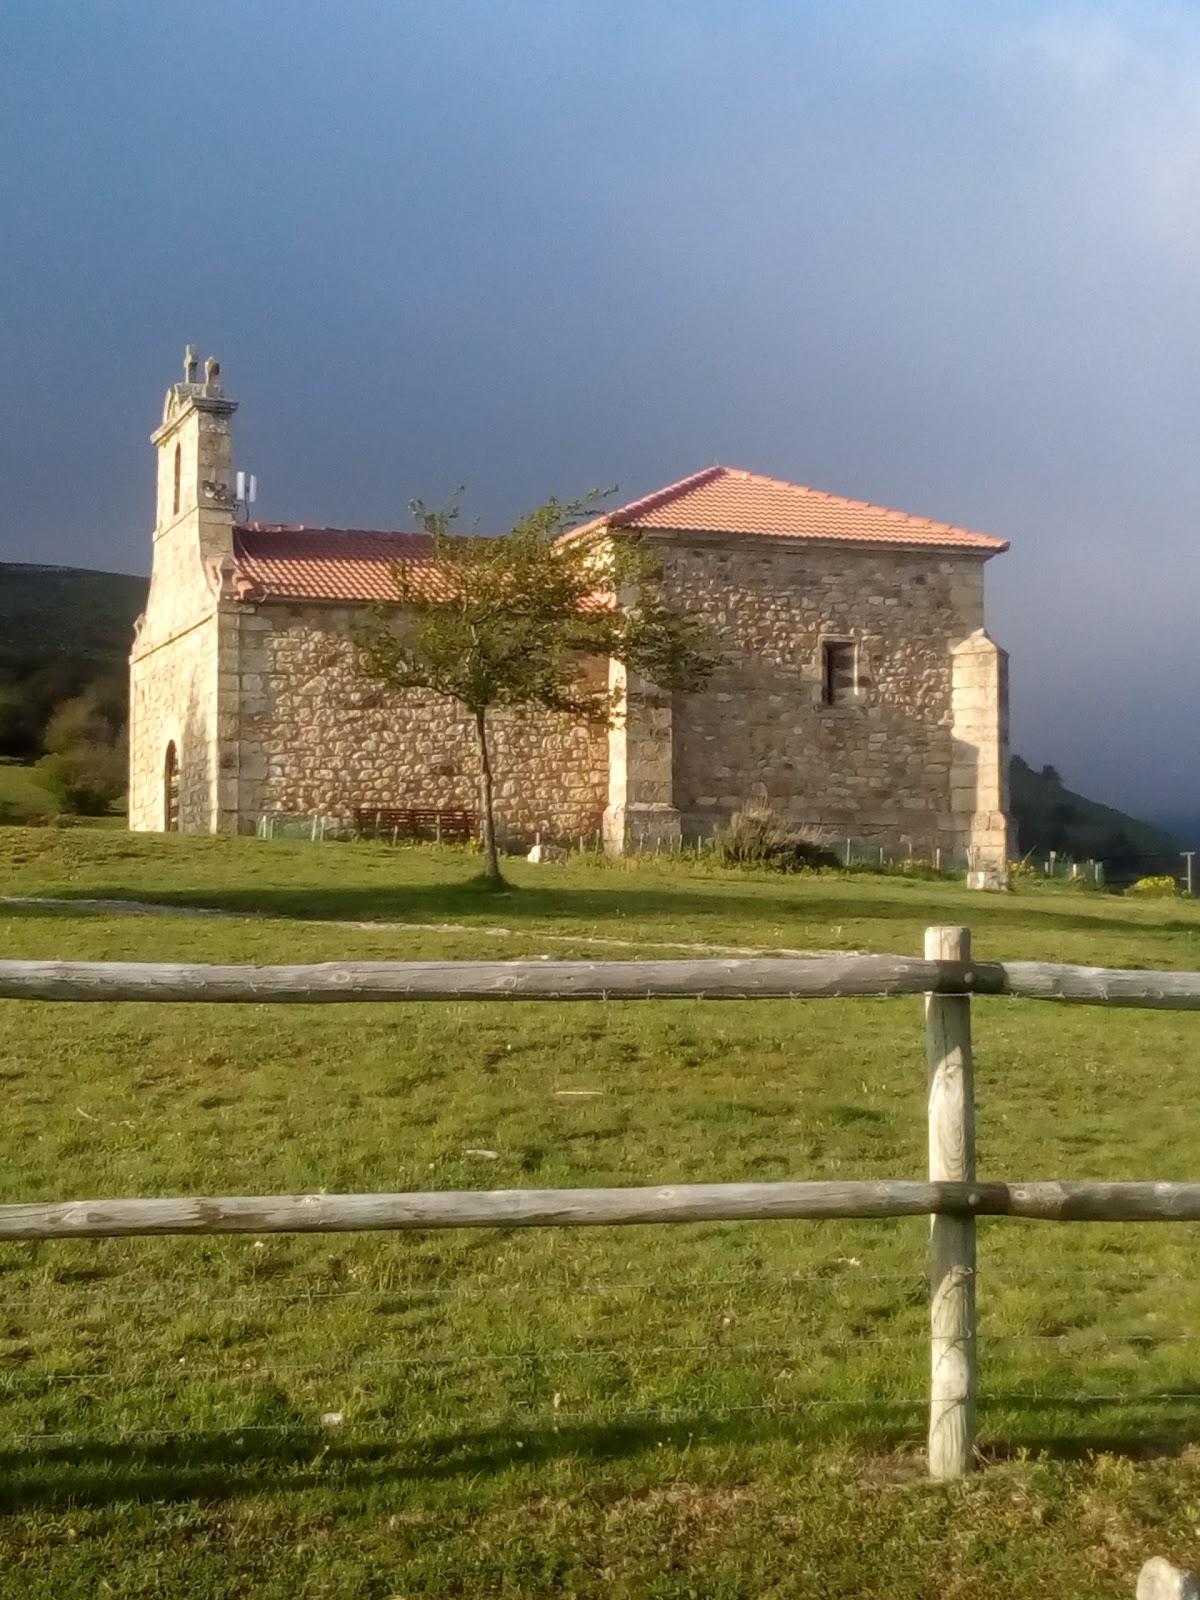 70 casas rurales cerca de monegro cantabria - Casa rural reinosa ...